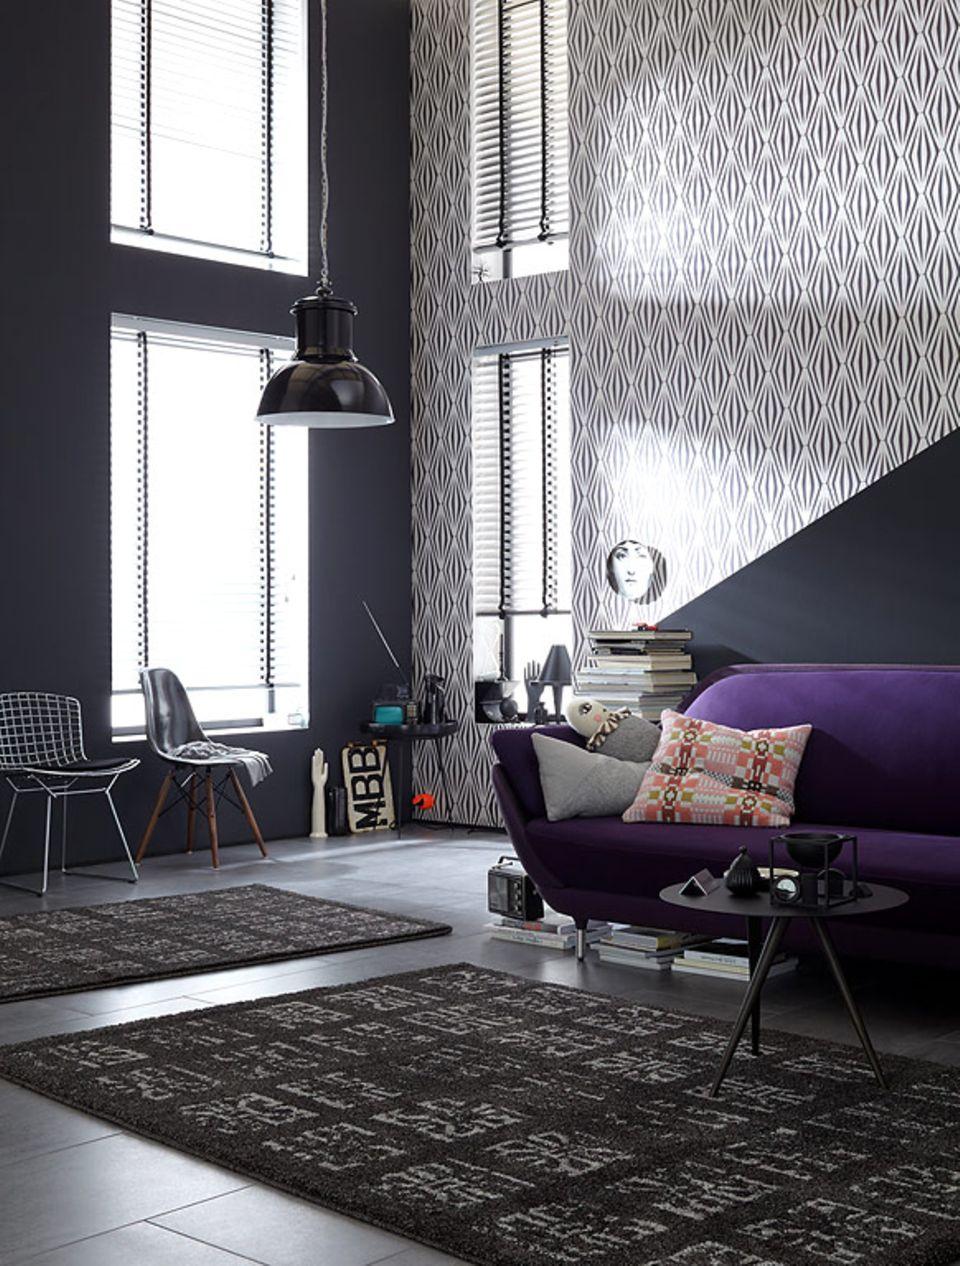 Schwarz-Weiß in allen Facetten und als Hingucker ein Sofa in Lila: Muster bringen Schwung in die Wohnung und wirken richtig dosiert besonders stilvoll.